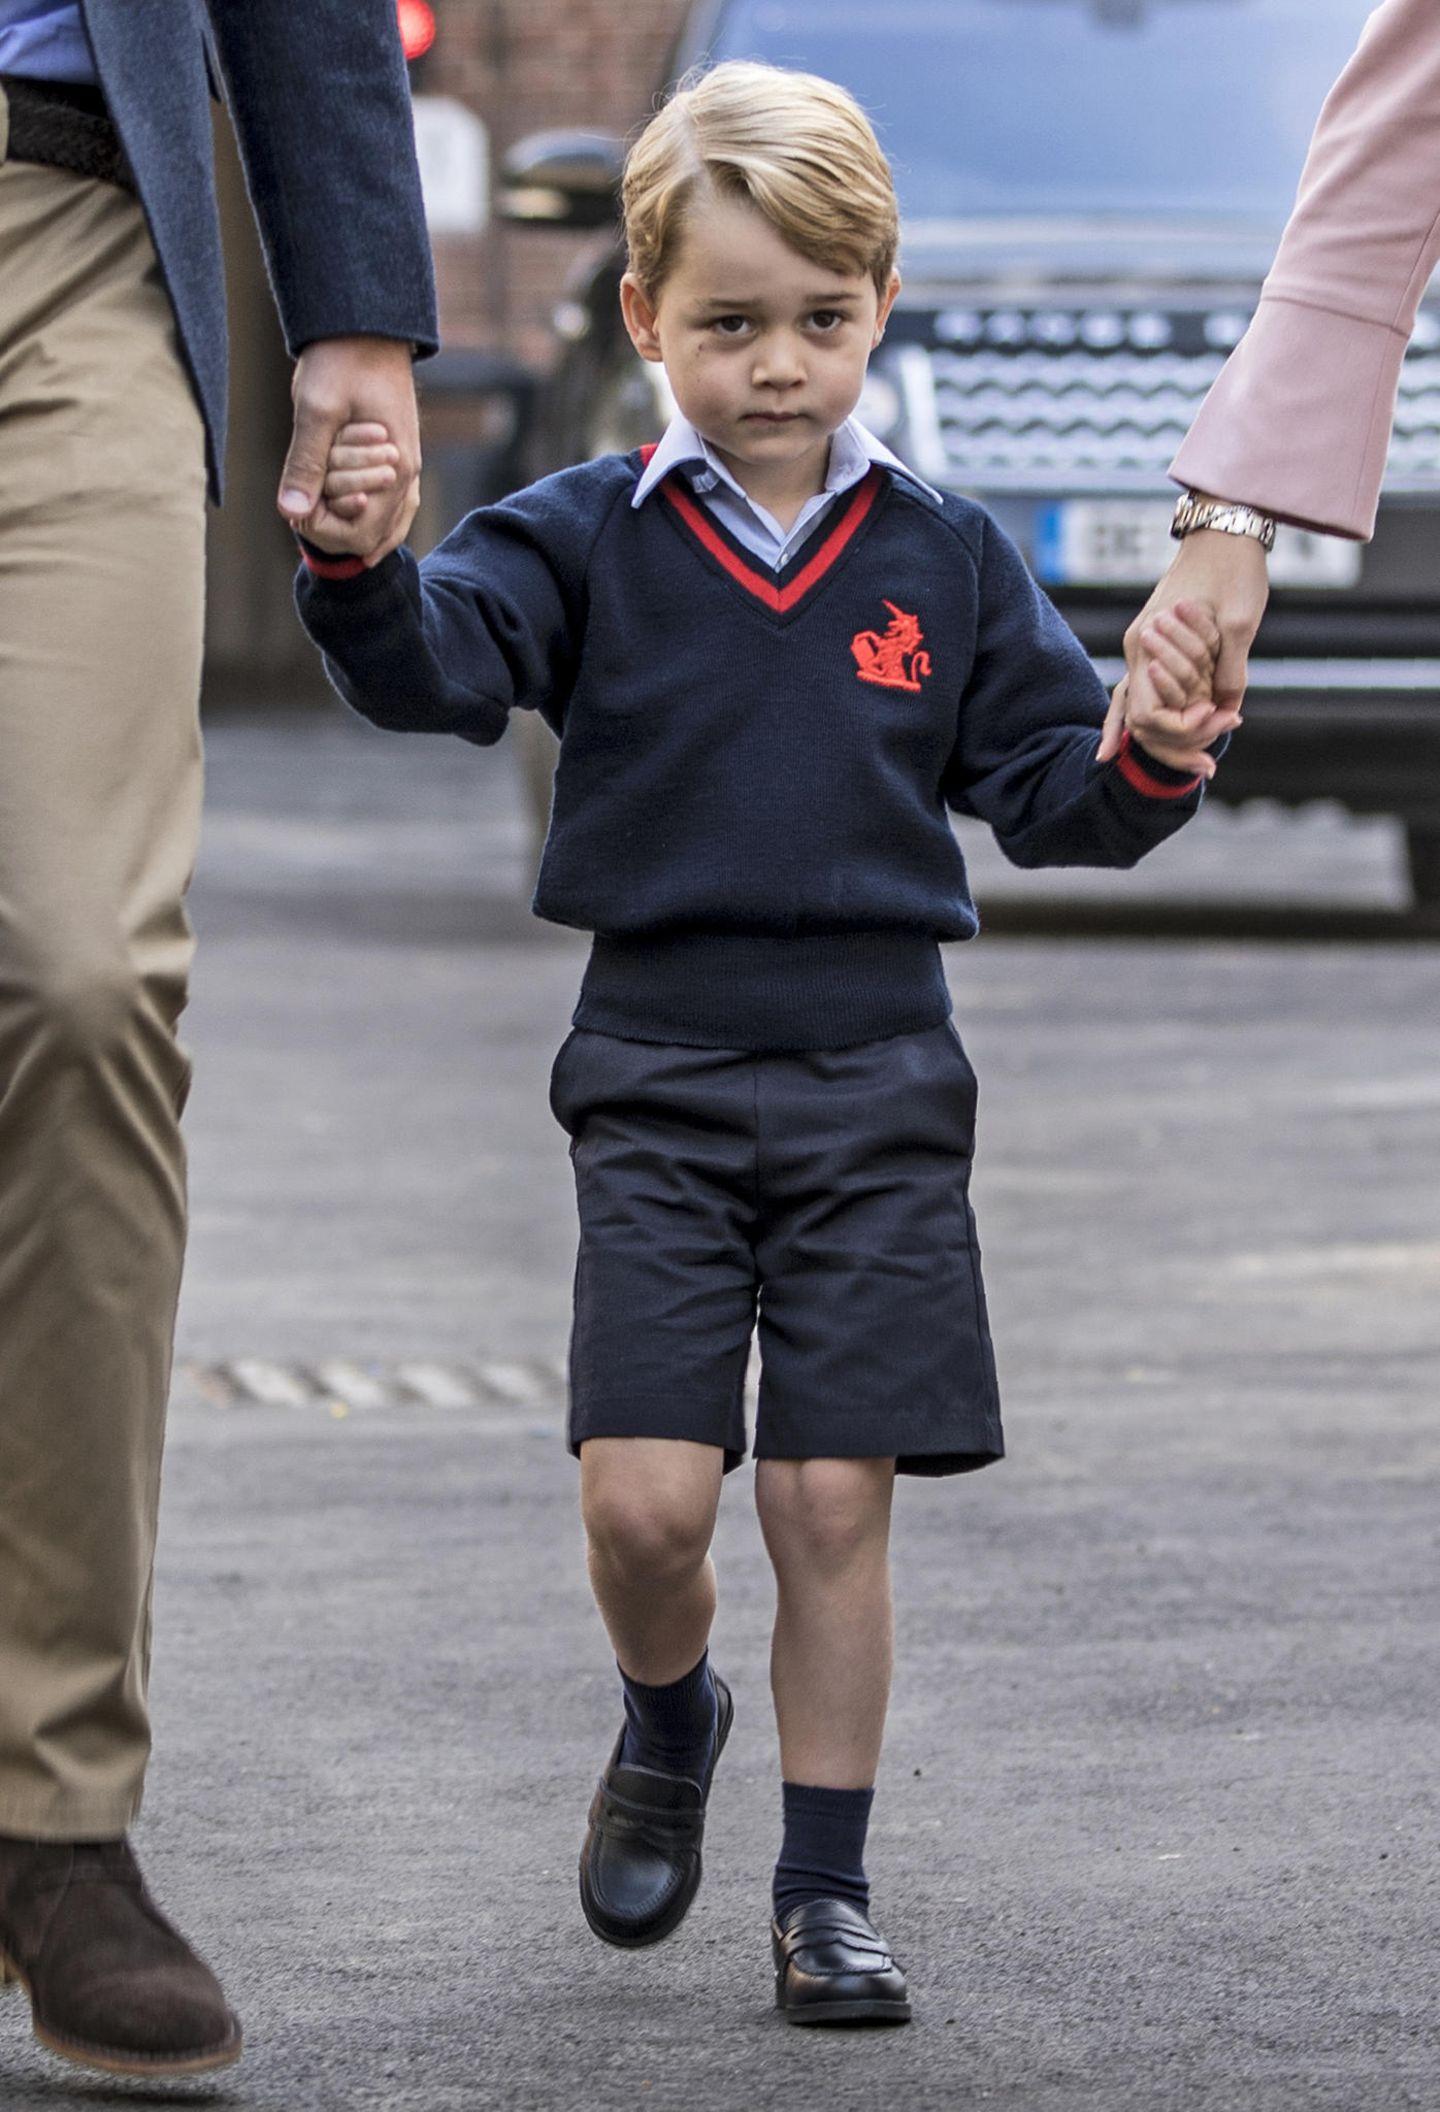 """Juli 2017: Ein großer Tag für den kleinen Royal. Prinz George kommt in die Schule und muss - wie alle anderen Kinder auch - eine Schuluniform tragen. Ausgestattet werden die Schüler von """"John Lewis"""", einem Modehändler. Eine Ganzjahres-Uniform, bestehend aus Sommer- und Winterteilen sowie einem Sportoutfit kostet insgesamt um die 450 Euro."""